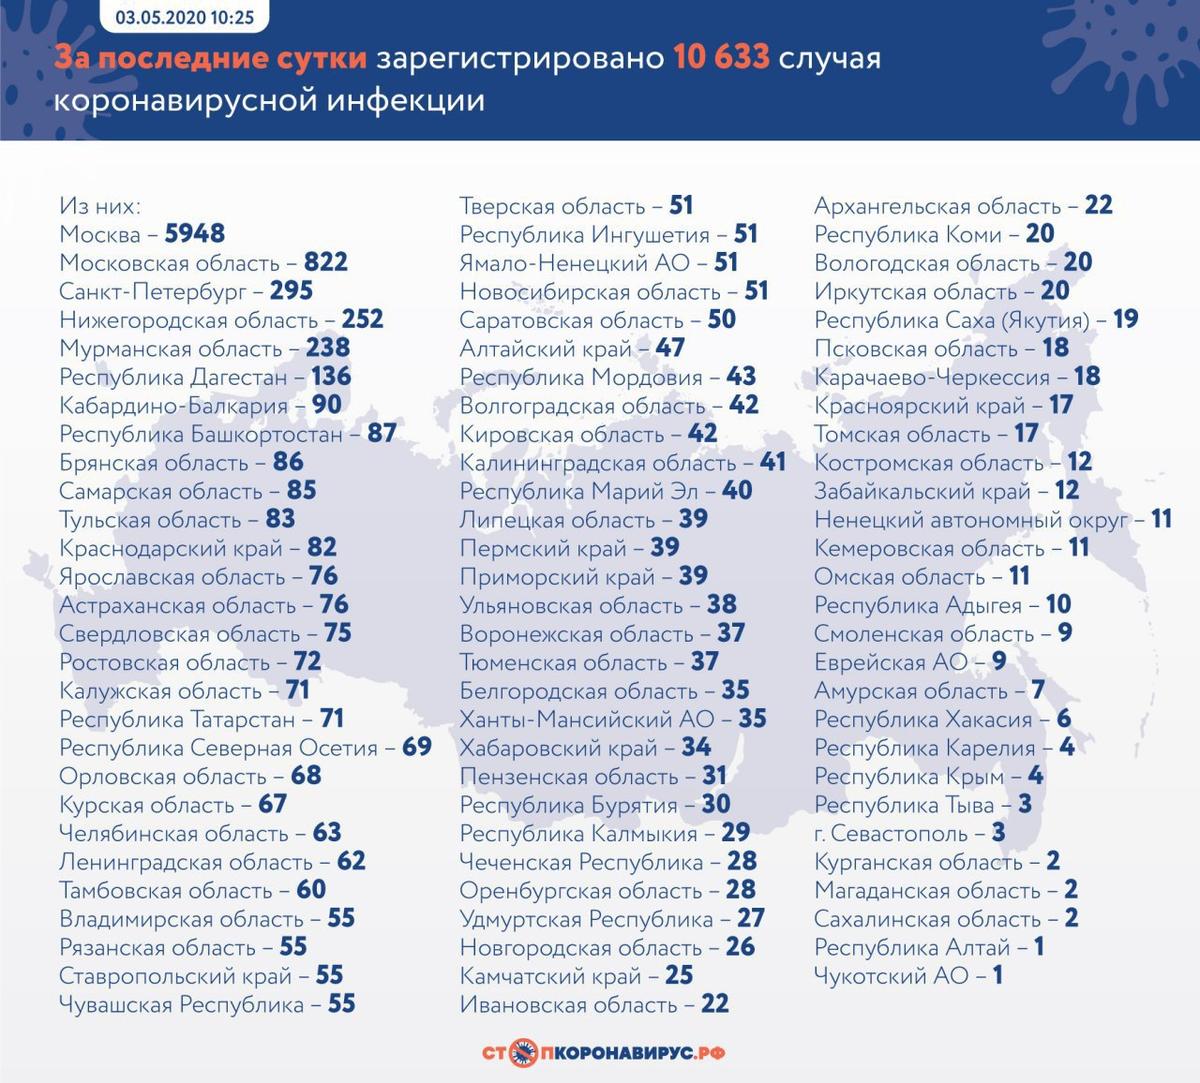 Где и сколько заболевших Коронавирусом в России на сегодня, последние новости на 6 мая 2020: Будет новое выступление Путина |